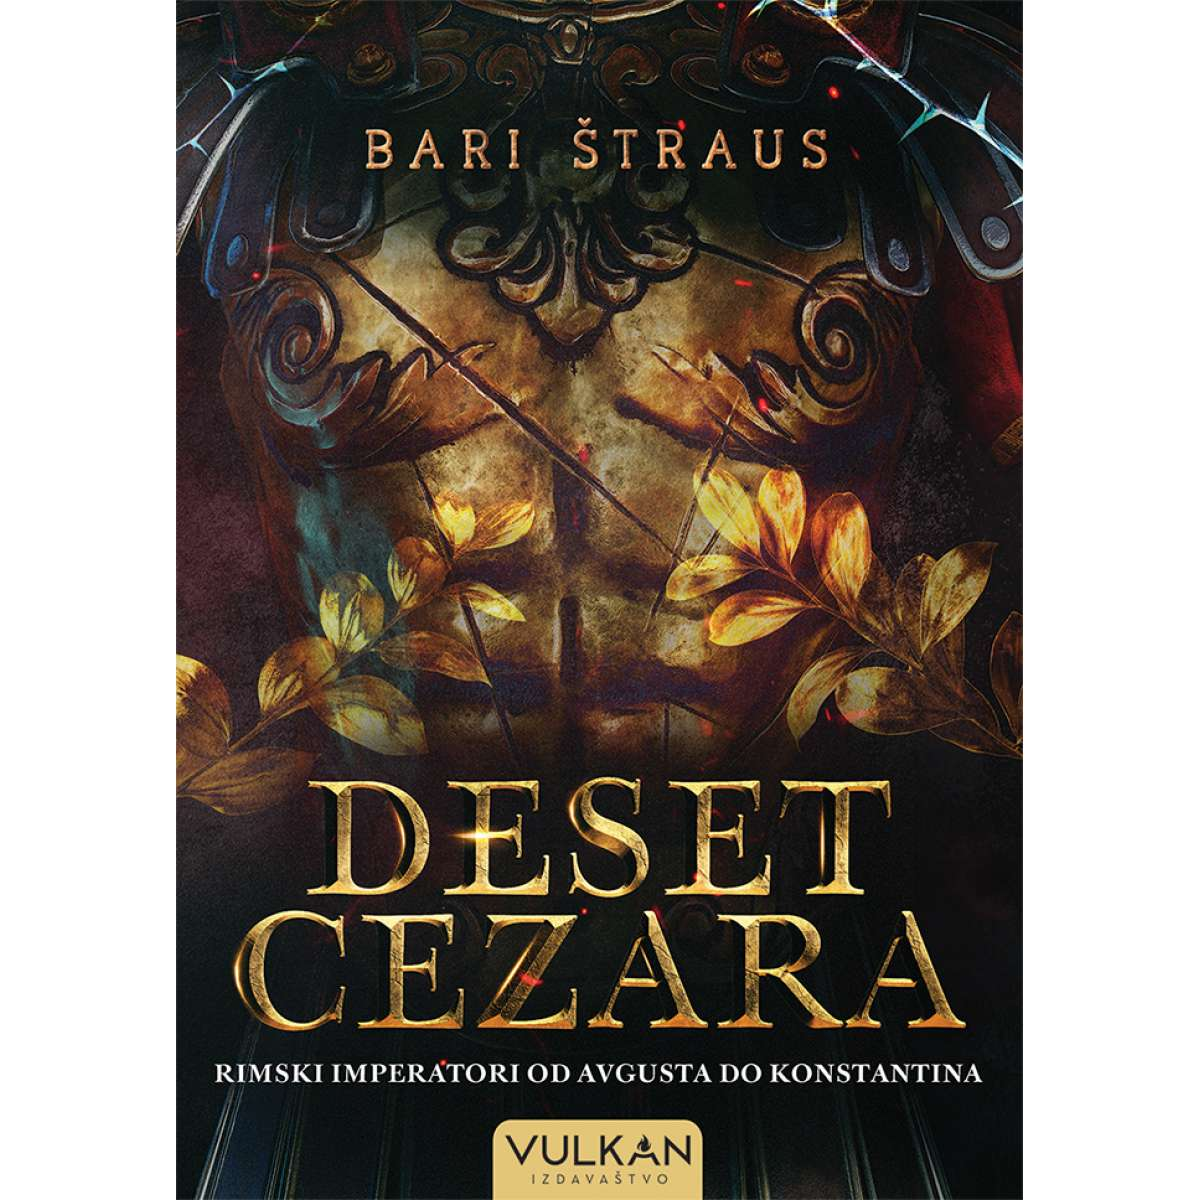 DESET CEZARA